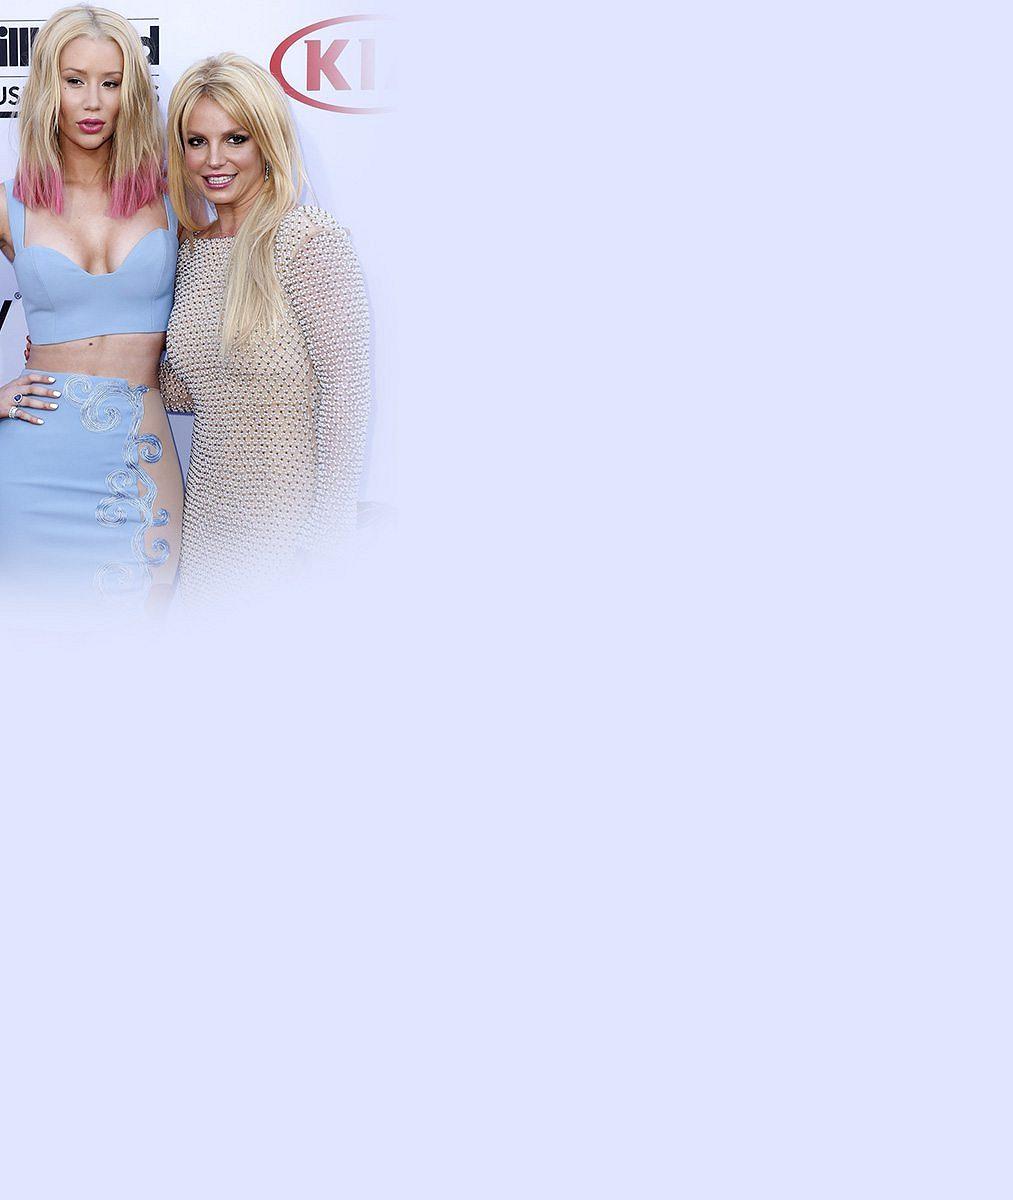 Britney Spears v latexu zadupala do země o dekádu mladší kolegyni se zvětšenými ňadry